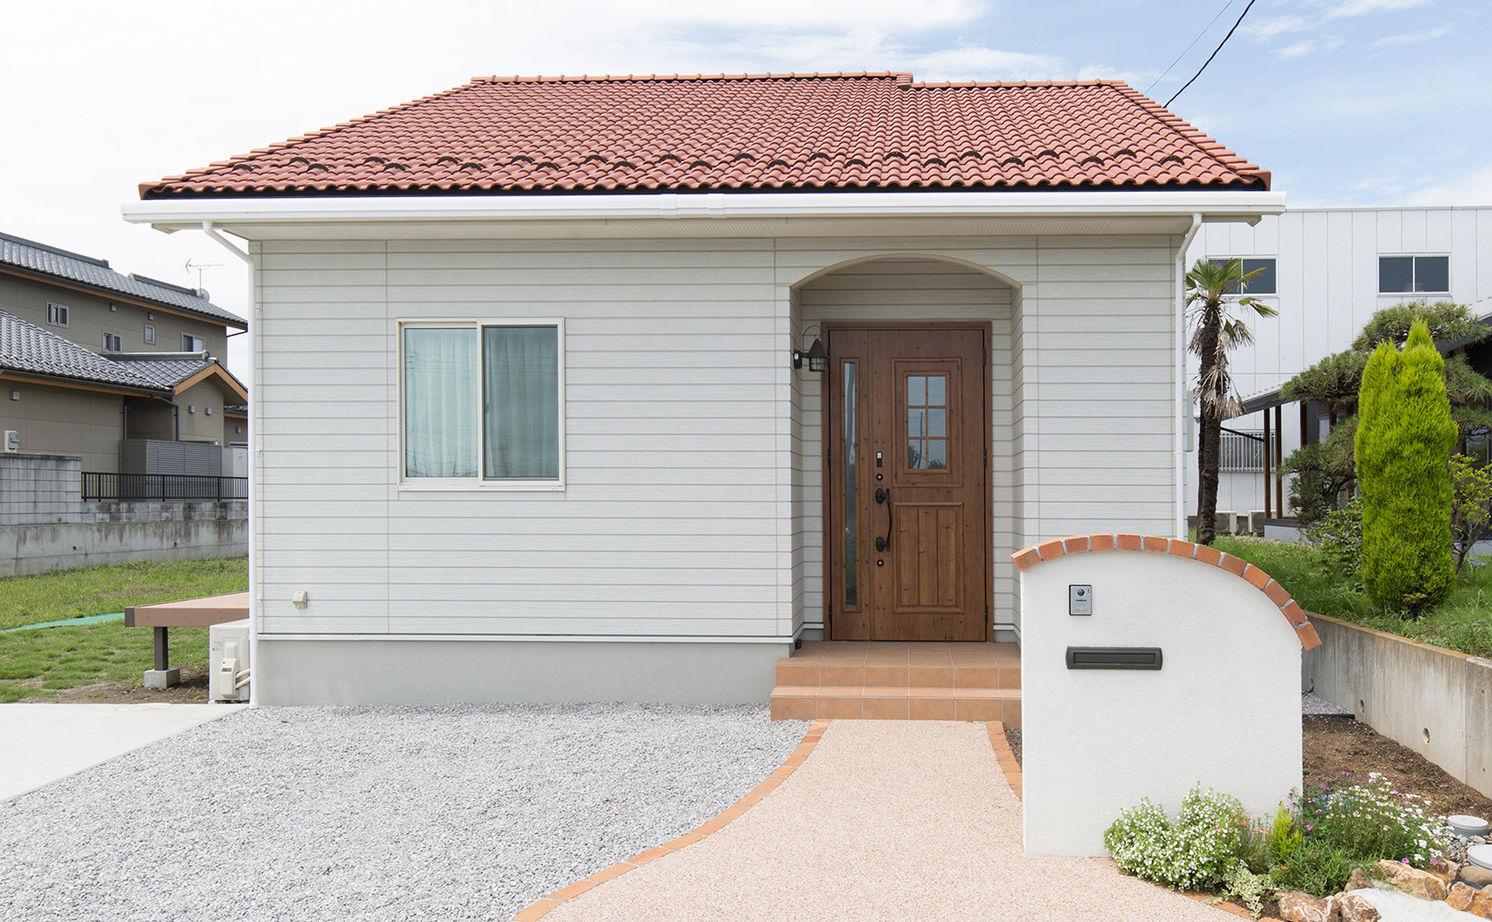 【1000万円台/約30坪】仲良し5人家族の元気と笑顔がはじける、赤い屋根の可愛い平屋画像1